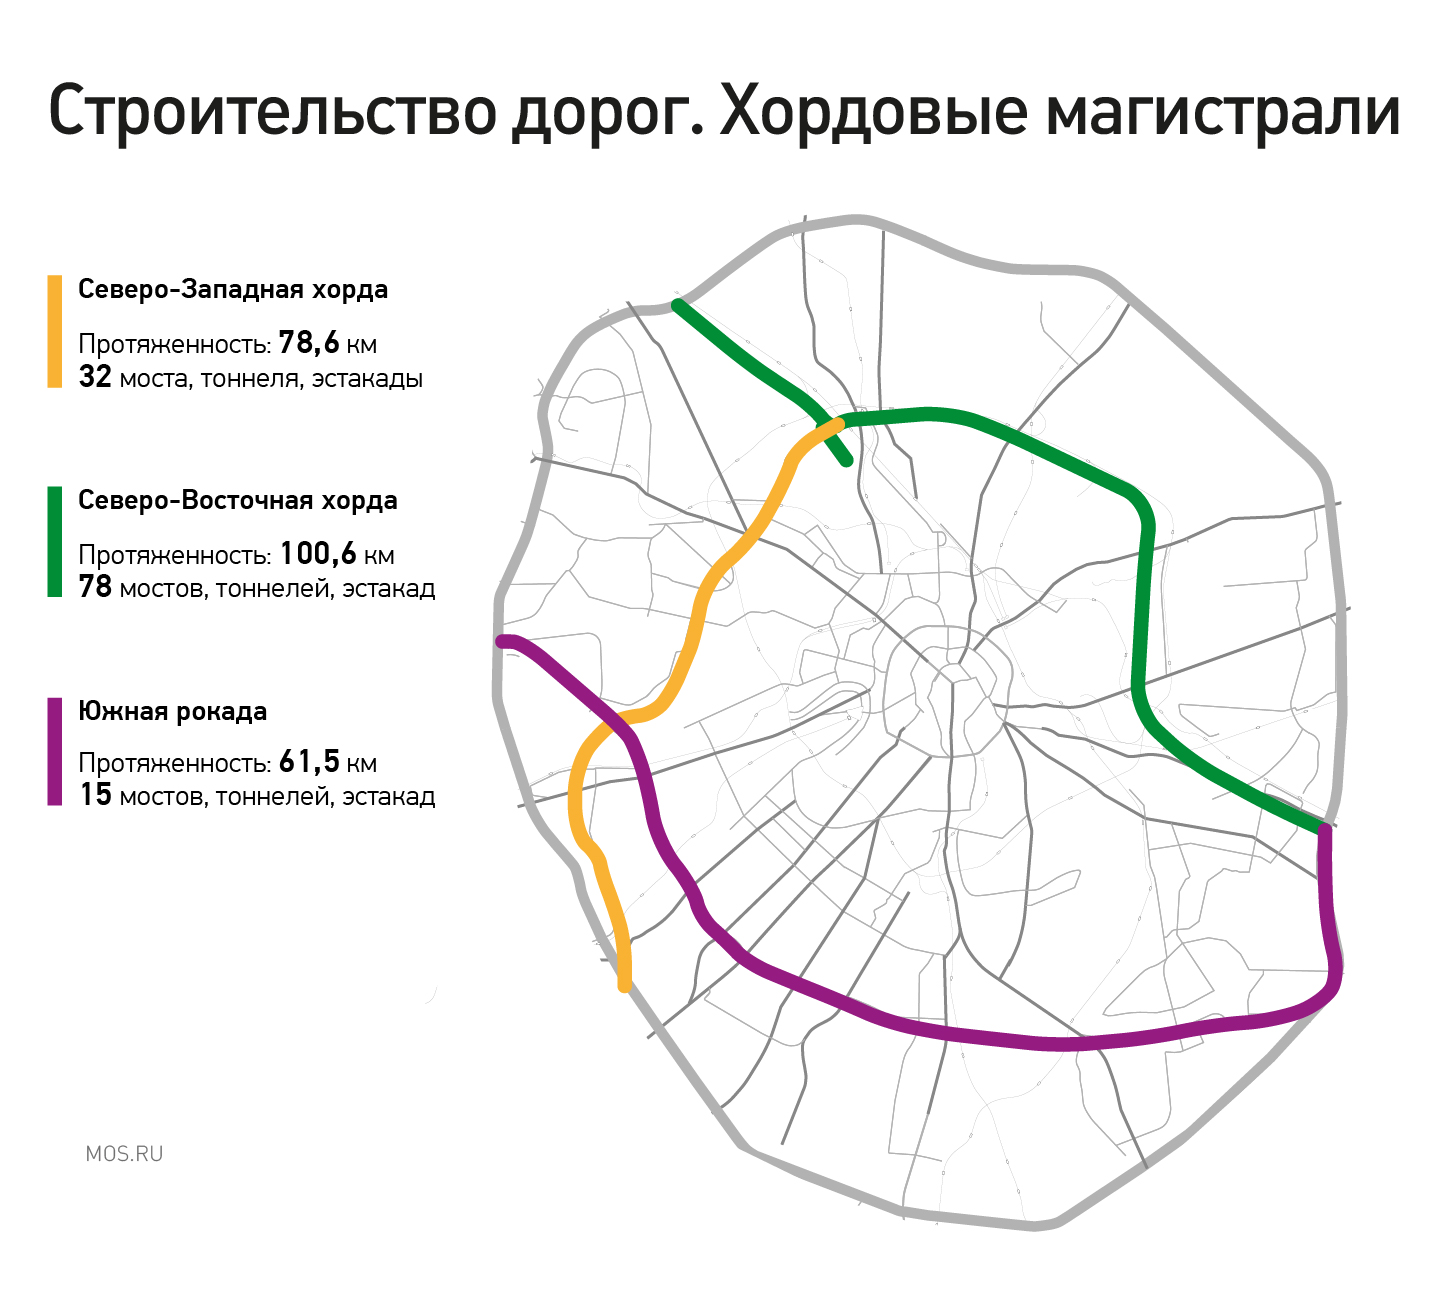 Большая польза небольшого участка Северо-Восточной хорды